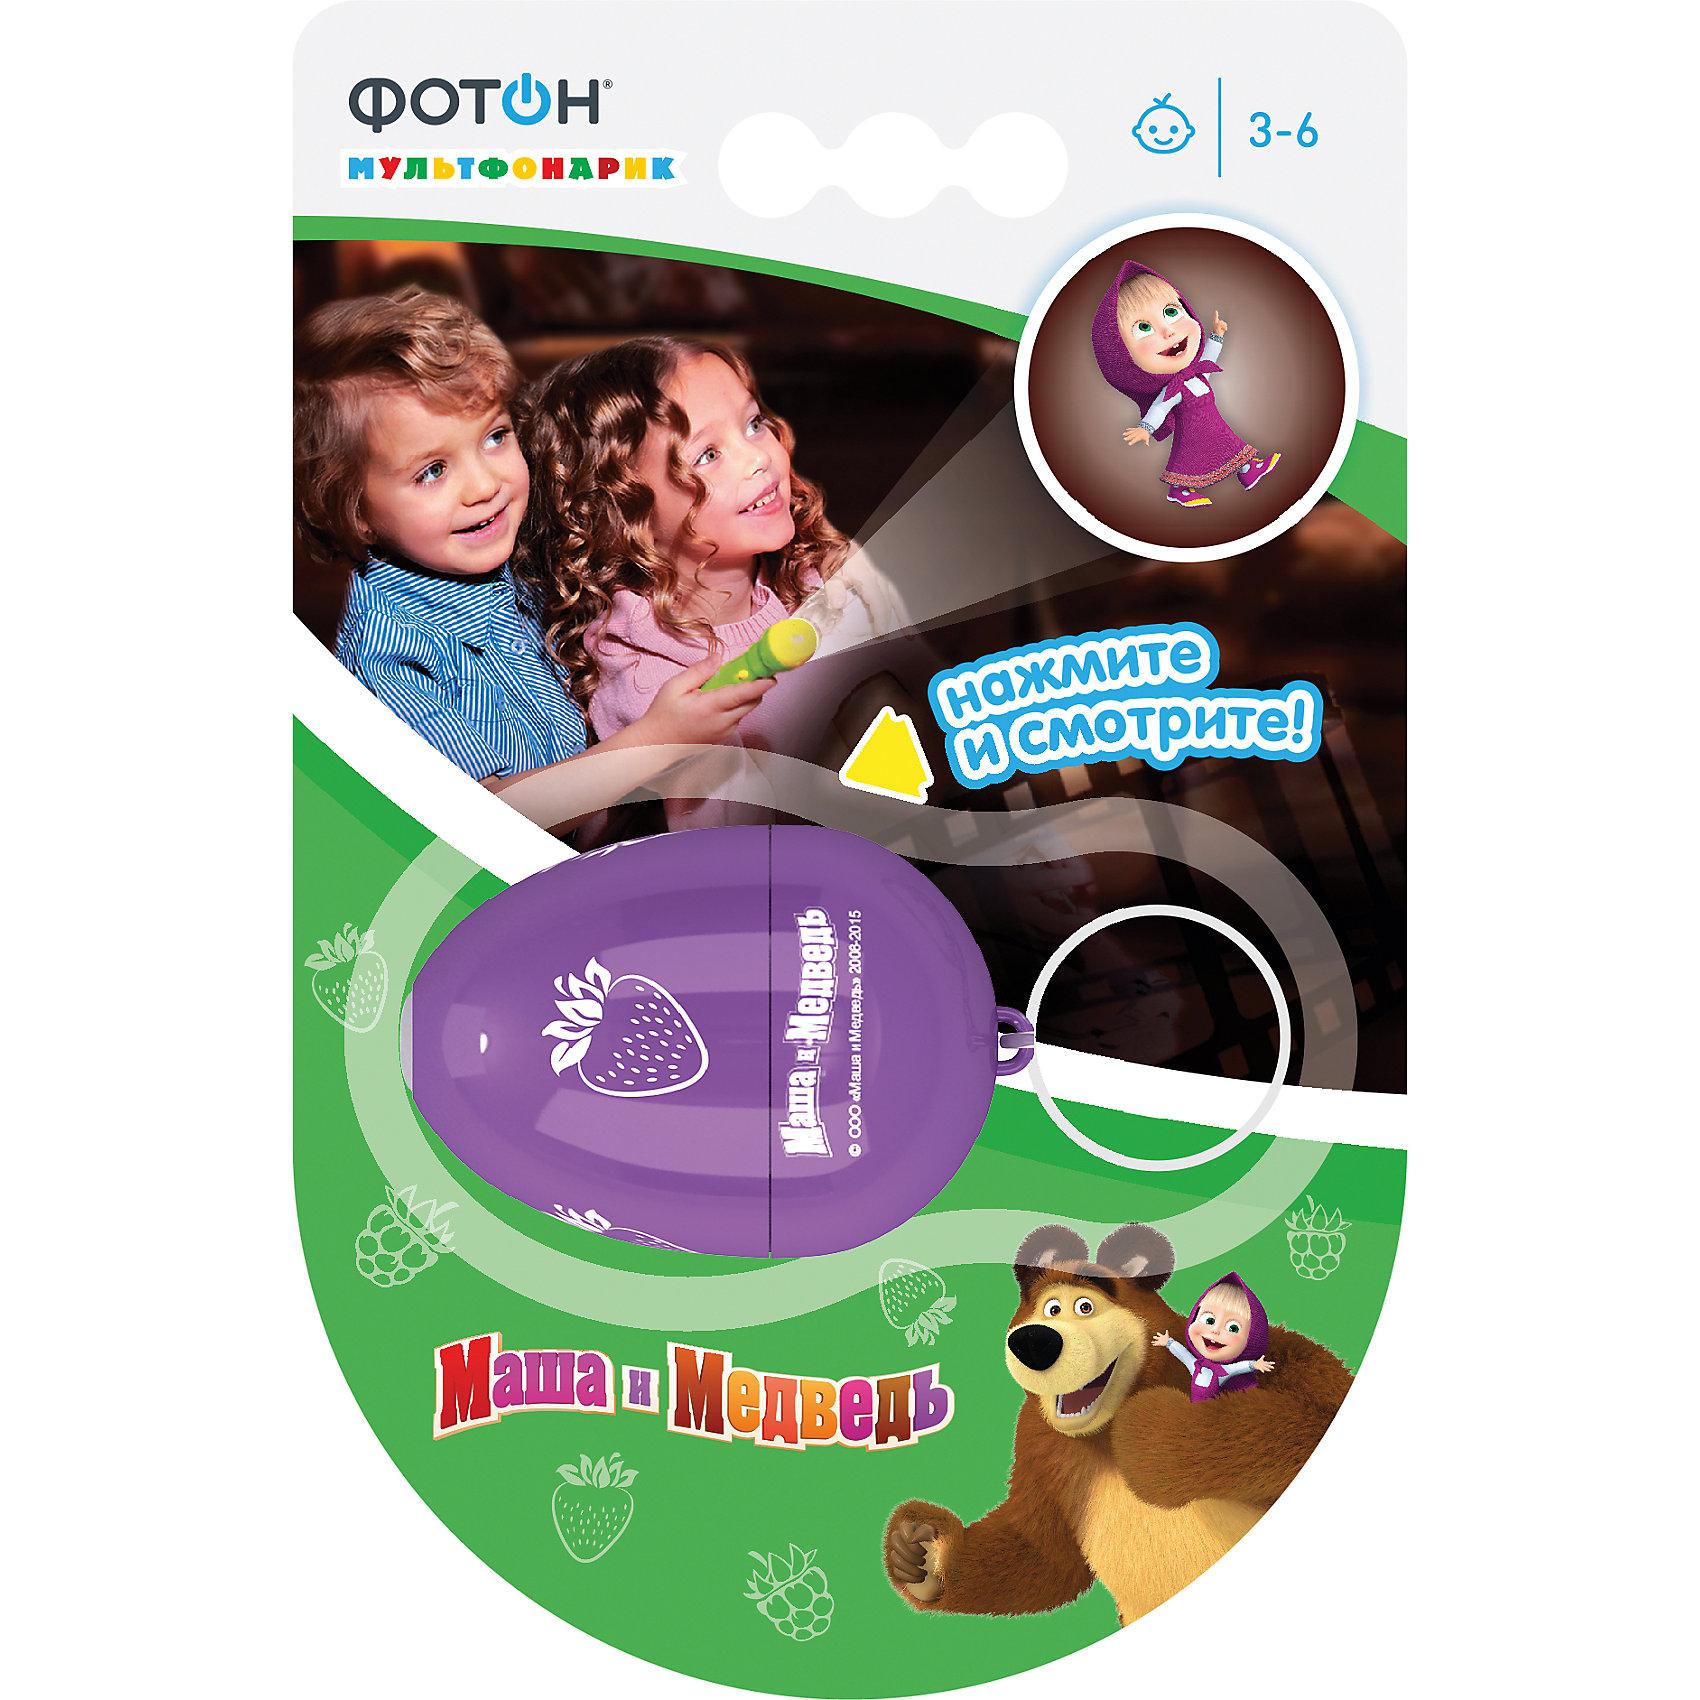 Мультфонарик-брелок «Маша и Медведь», фиолетовый, ФотонПопулярные игрушки<br>Мультфонарик-брелок «Маша и Медведь», фиолетовый, Фотон.<br><br>Характеристика:<br><br>• Материал: пластик, металл.<br>• Размер: 4,5х3,5х3,5 см. <br>• Проецирует картинку на расстоянии: 0,3-3 м. <br>• Источник света: 1 светодиод. <br>• Элемент питания: 3 батарейки 1,5V типа AG3/LR41 (в комплекте демонстрационные). <br>• Яркое и четкое изображение Маши. <br>• Привлекательный дизайн, можно использовать как брелок. <br><br>Фонарик - брелок Маша и Медведь приведет в восторг любого ребенка! Нажав на кнопку на корпусе, малыши увидят яркое и четкое изображение Маши, которое можно спроецировать на любую ровную поверхность. Фонарик выполнен из высококачественного прочного пластика, работает от батареек. <br>Прекрасный подарок на любой праздник! <br><br>Мультфонарик-брелок «Маша и Медведь», фиолетовый, Фотон, можно купить в нашем интернет-магазине.<br><br>Ширина мм: 150<br>Глубина мм: 105<br>Высота мм: 30<br>Вес г: 40<br>Возраст от месяцев: 24<br>Возраст до месяцев: 120<br>Пол: Унисекс<br>Возраст: Детский<br>SKU: 5268920